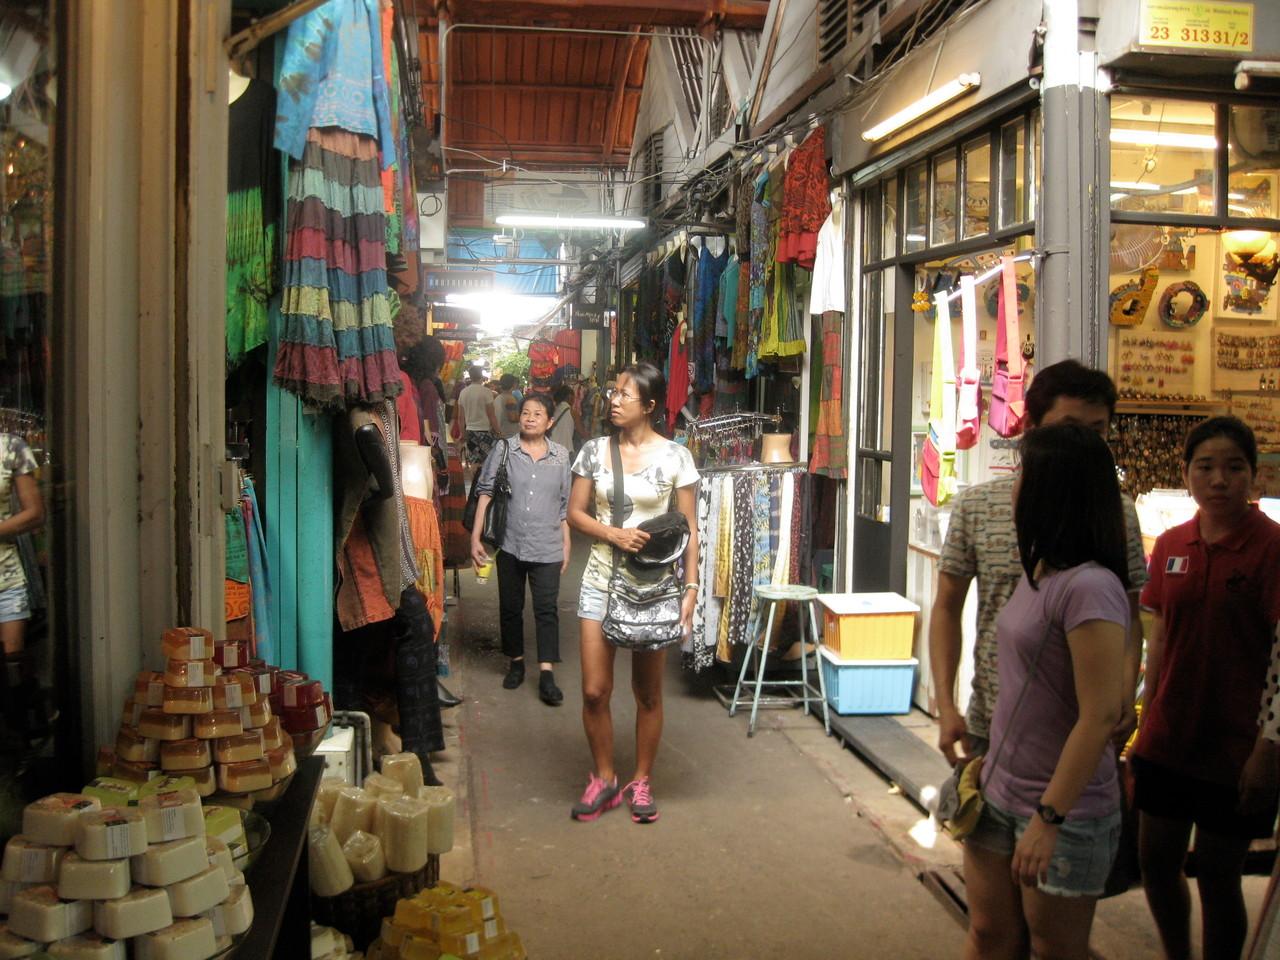 土日に開かれるウイークエンド・マーケット。日用品から土産物まであらゆる商品が売られている。